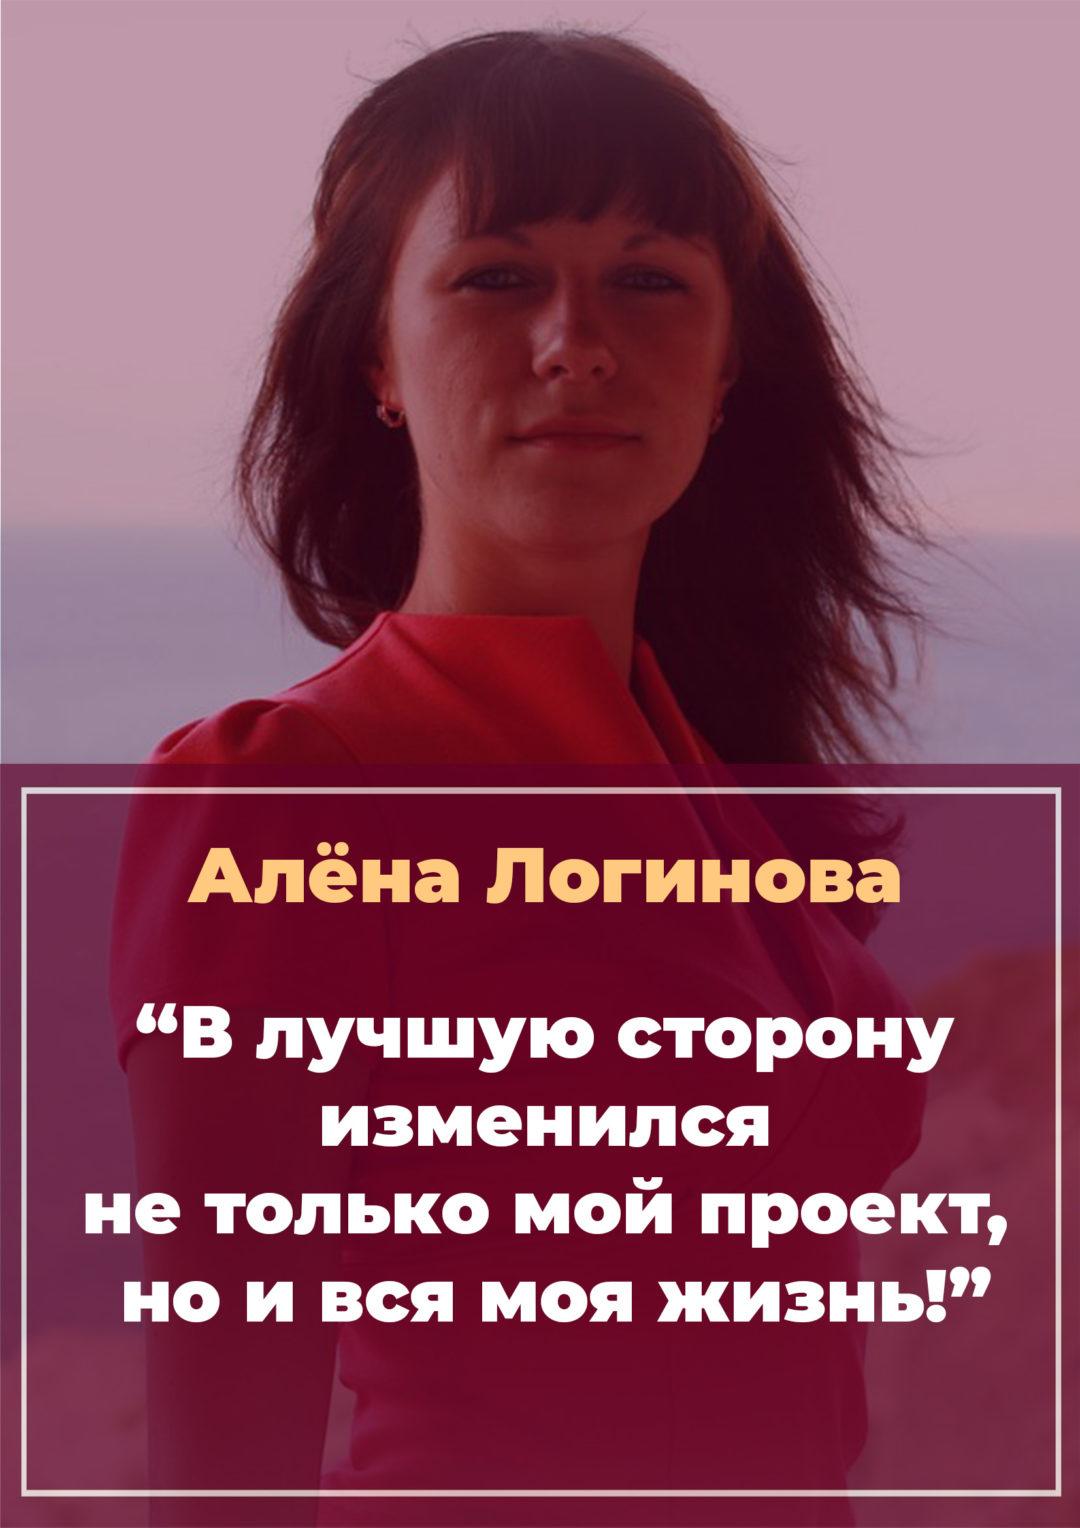 История Алёны Логиновой